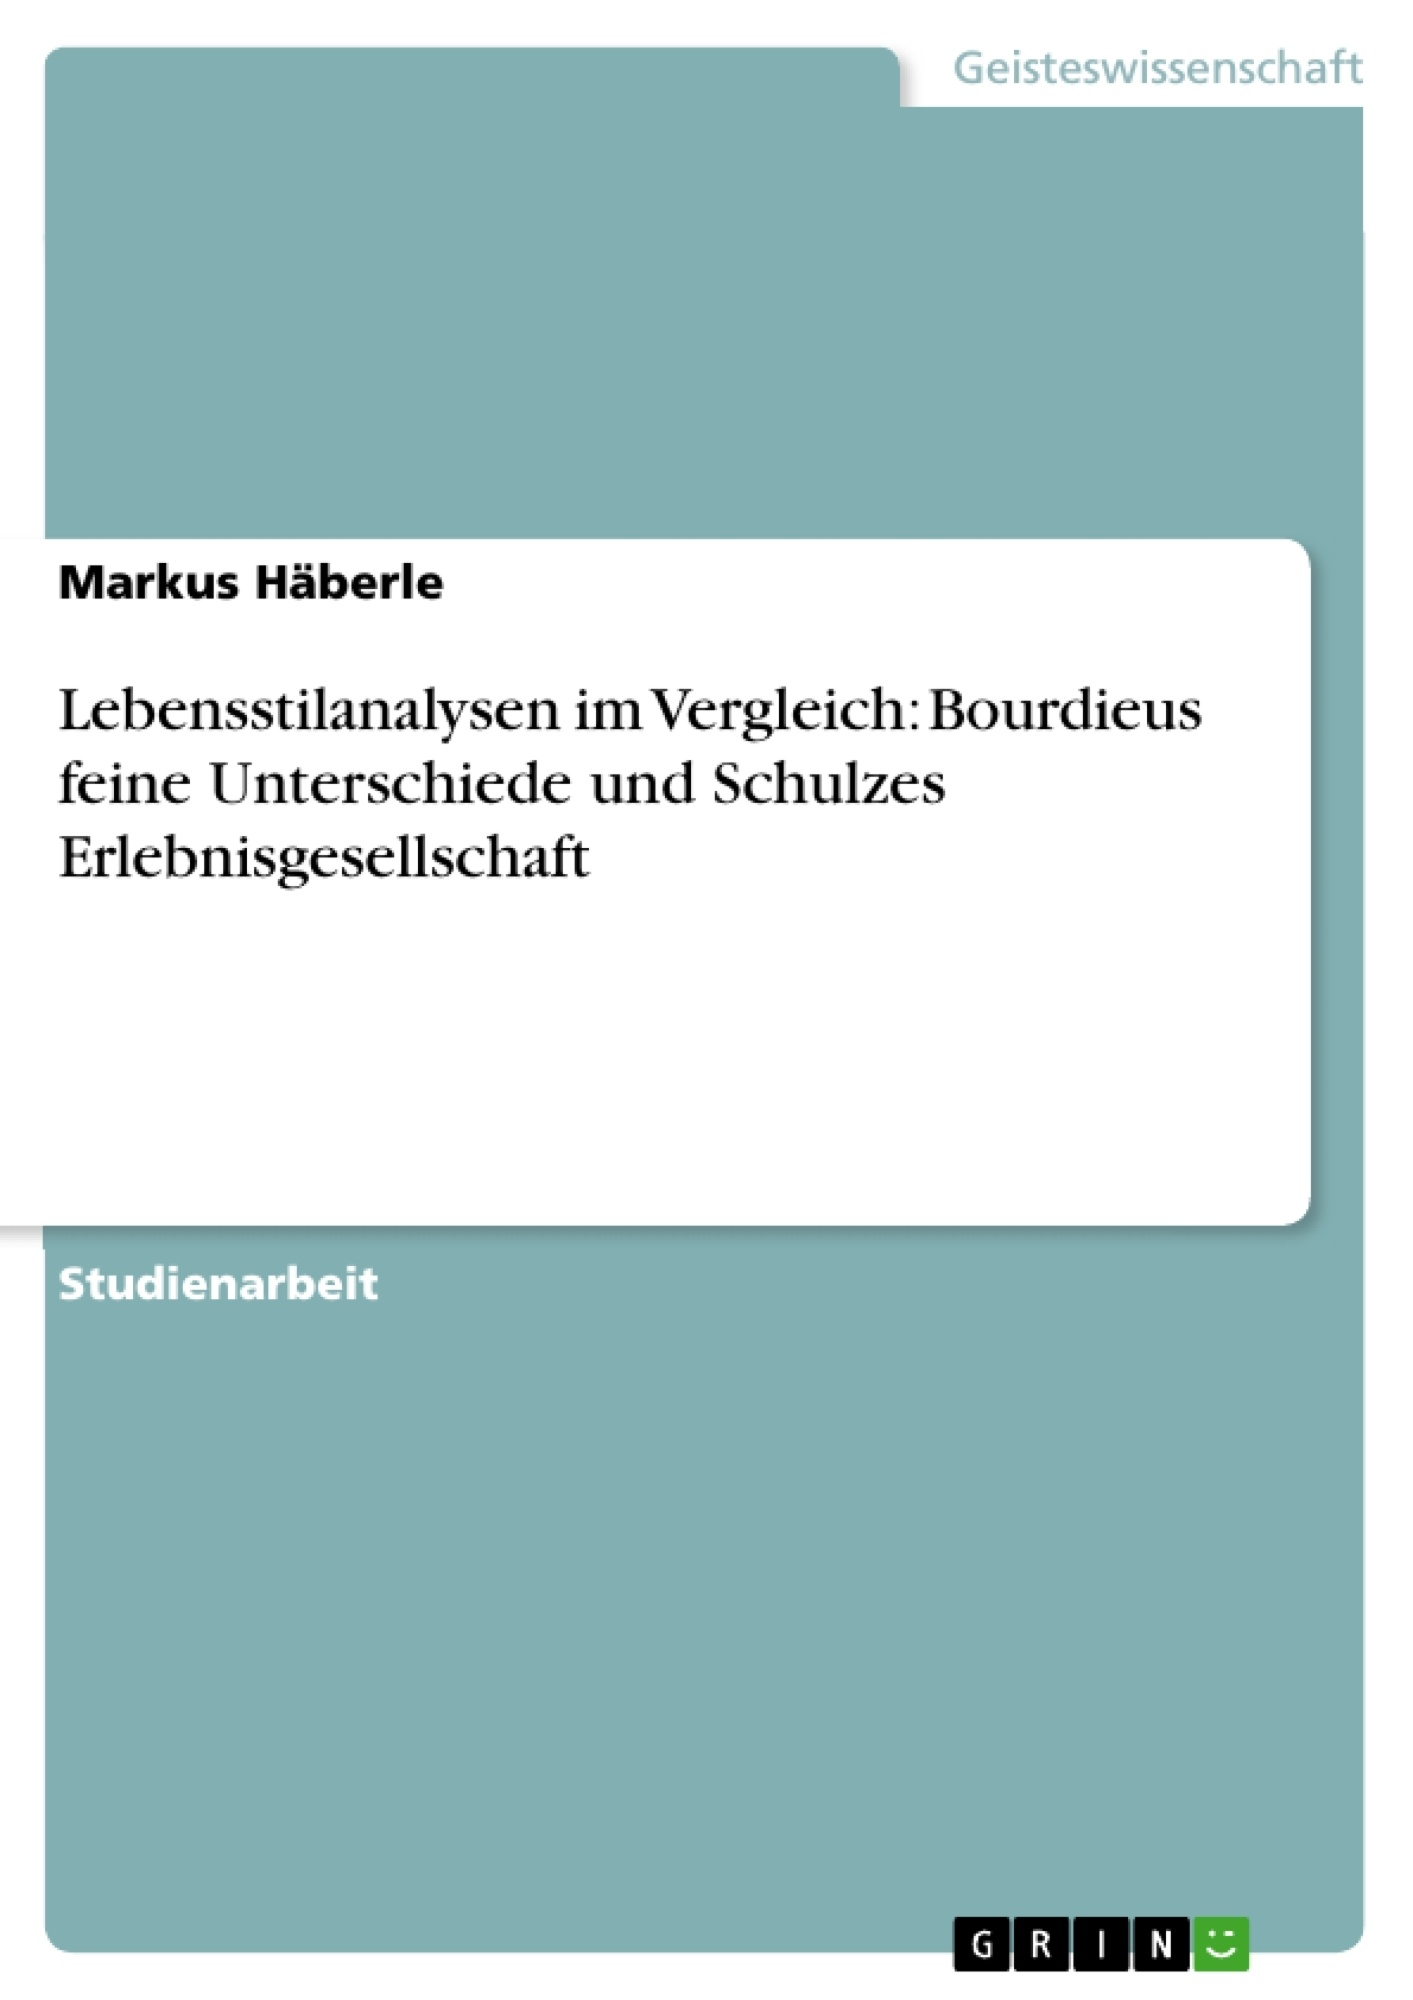 Titel: Lebensstilanalysen im Vergleich: Bourdieus feine Unterschiede und Schulzes Erlebnisgesellschaft